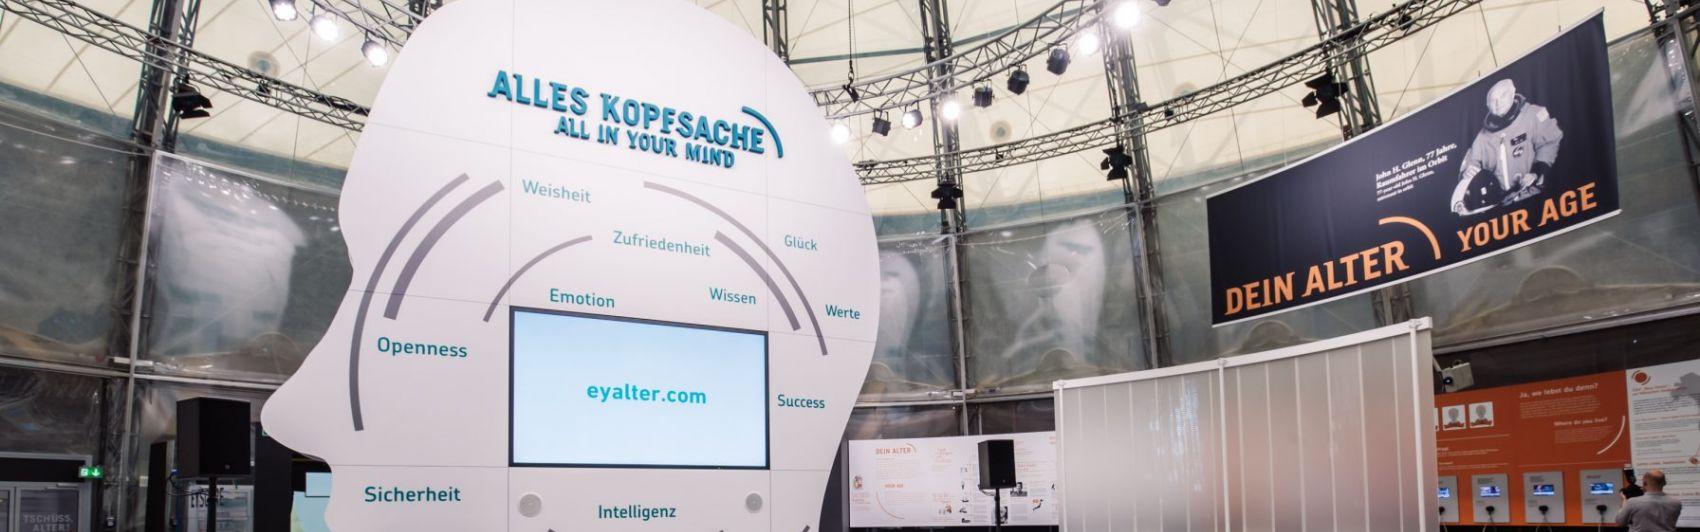 """""""Ey Alter"""" Ausstellung der Daimler AG"""